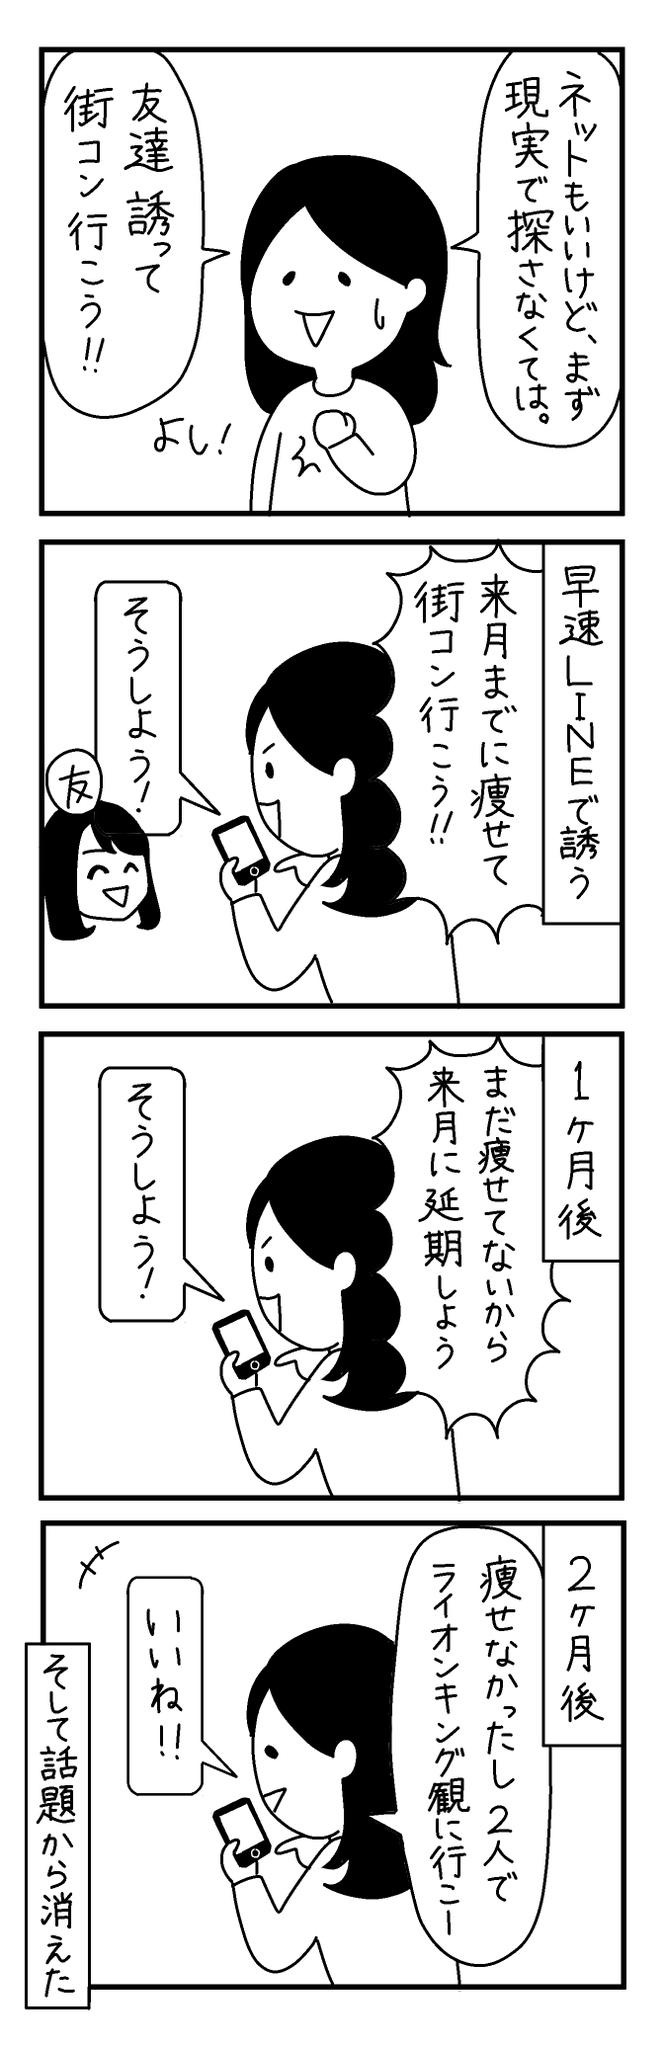 【4コマ漫画】第20回「ビクトリアな日々」作:ビクトリアブラディーヌ